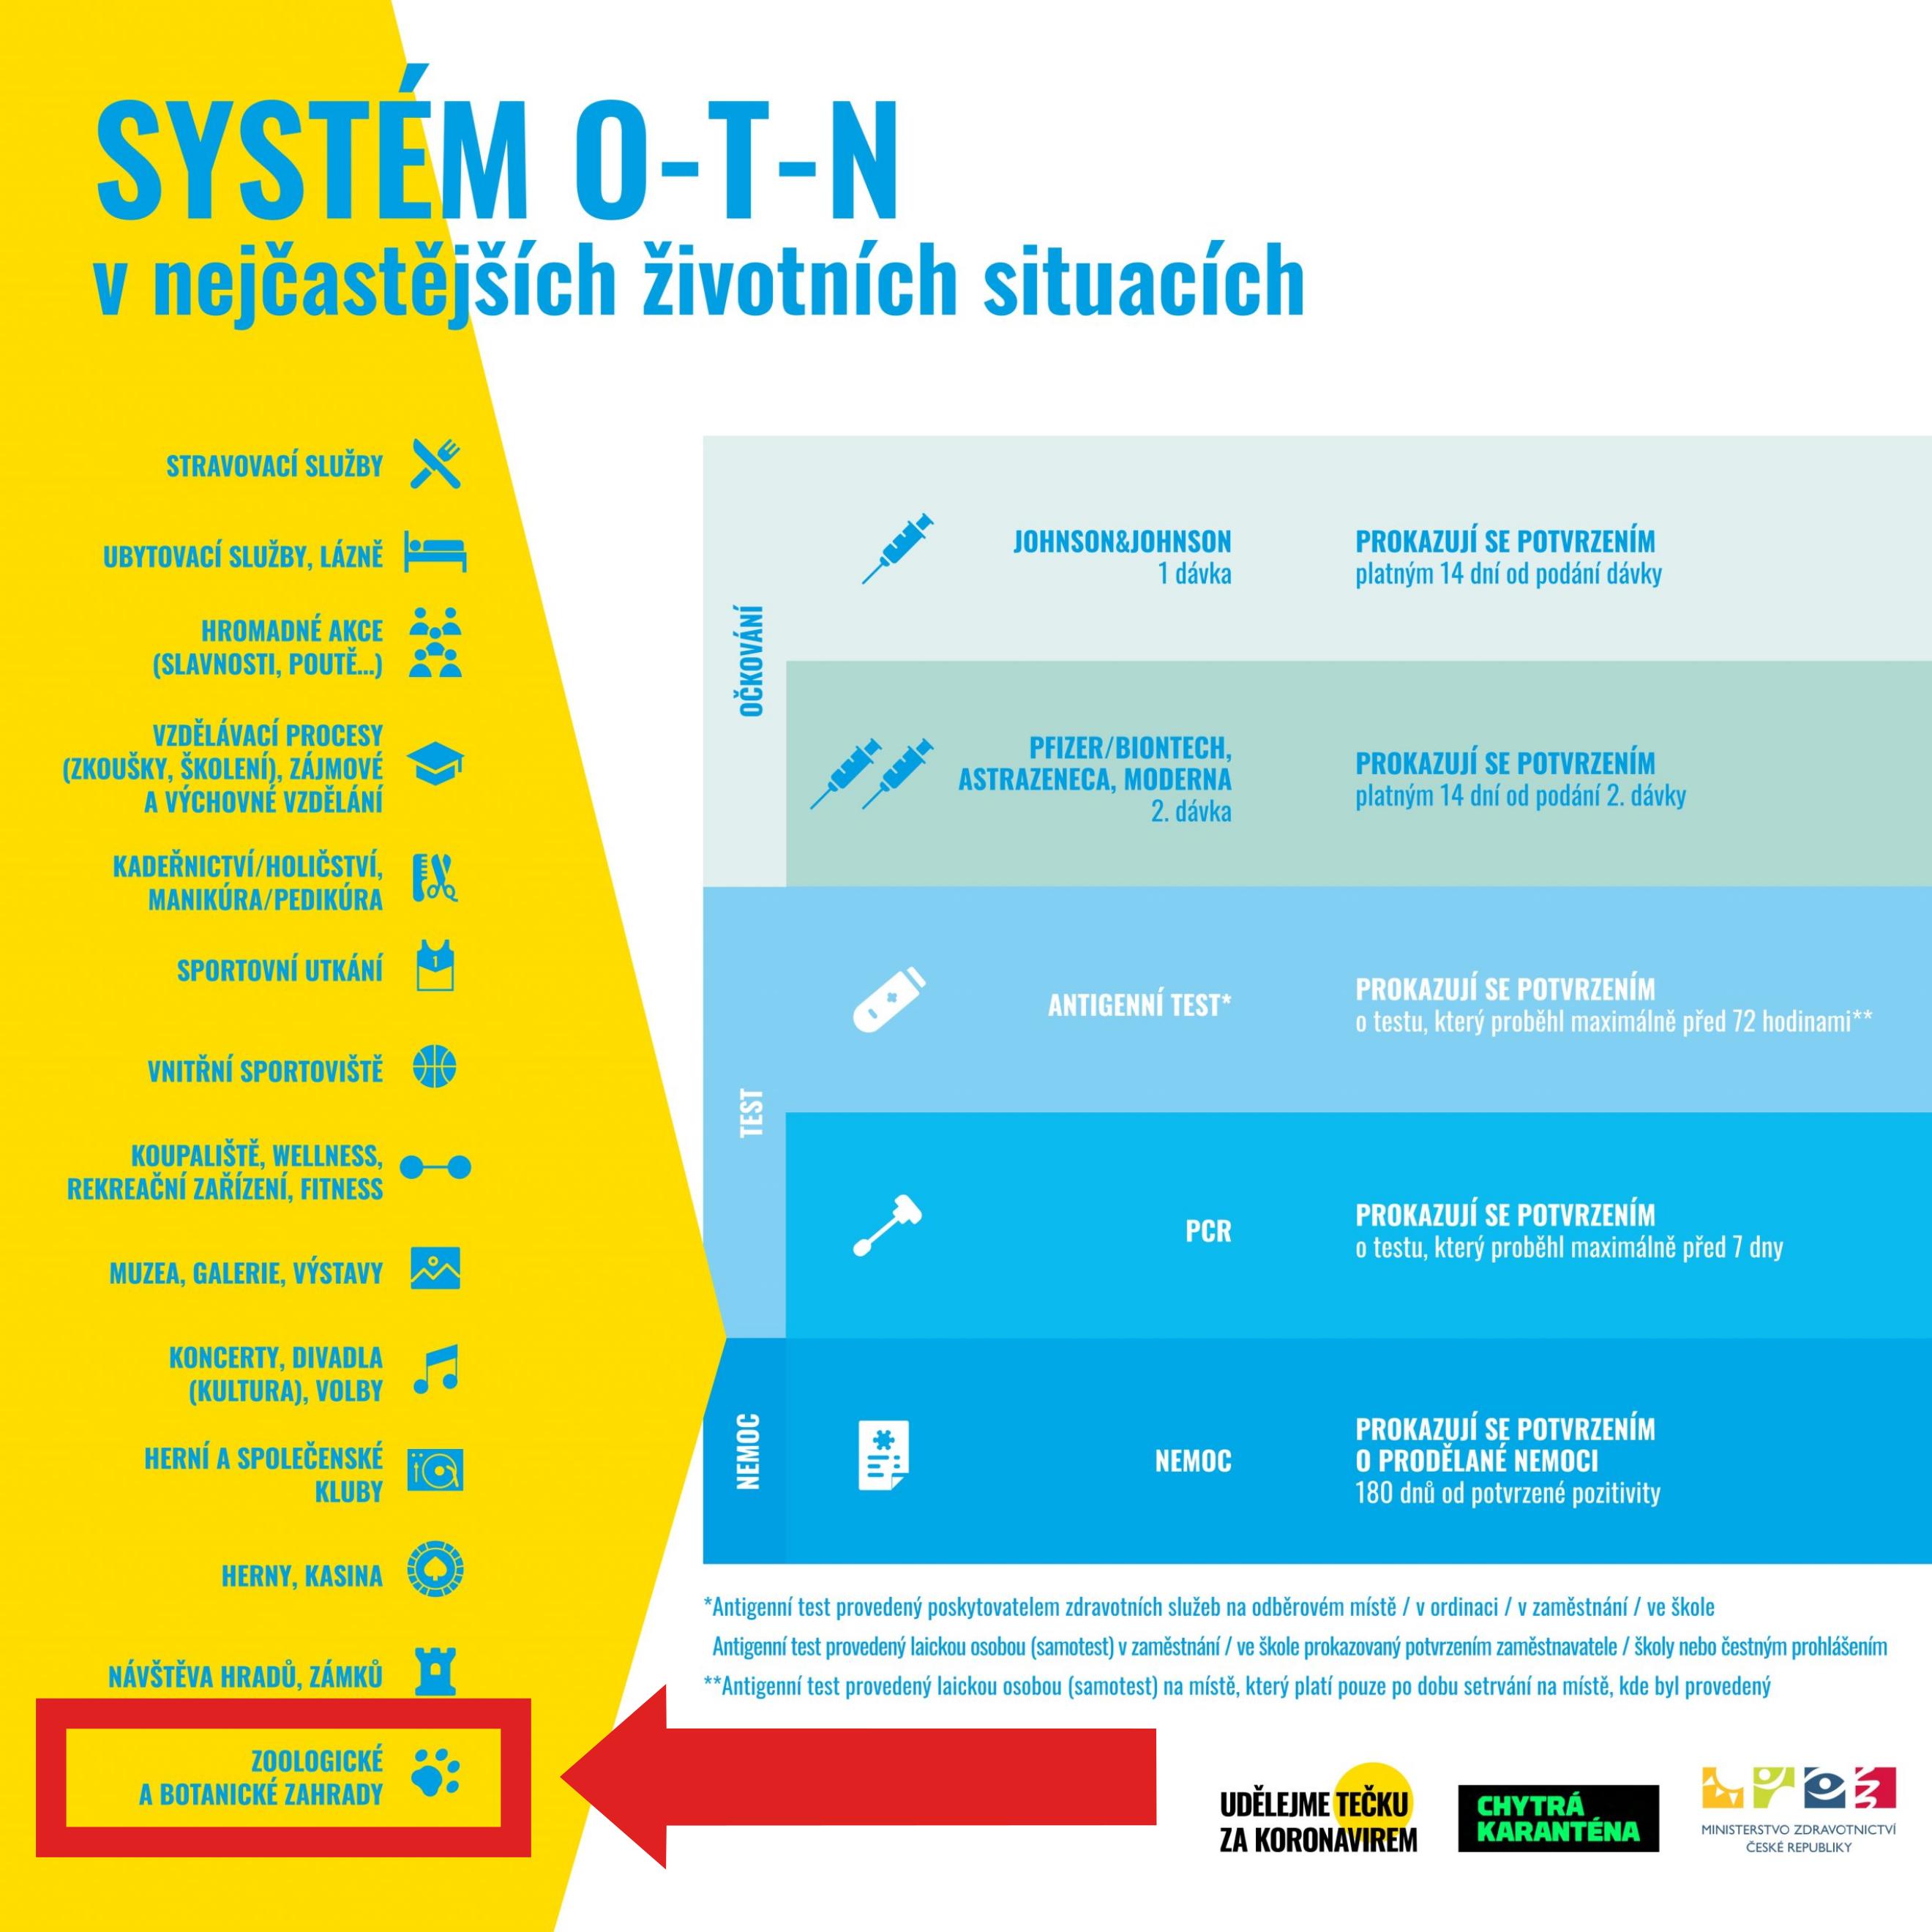 systemotn